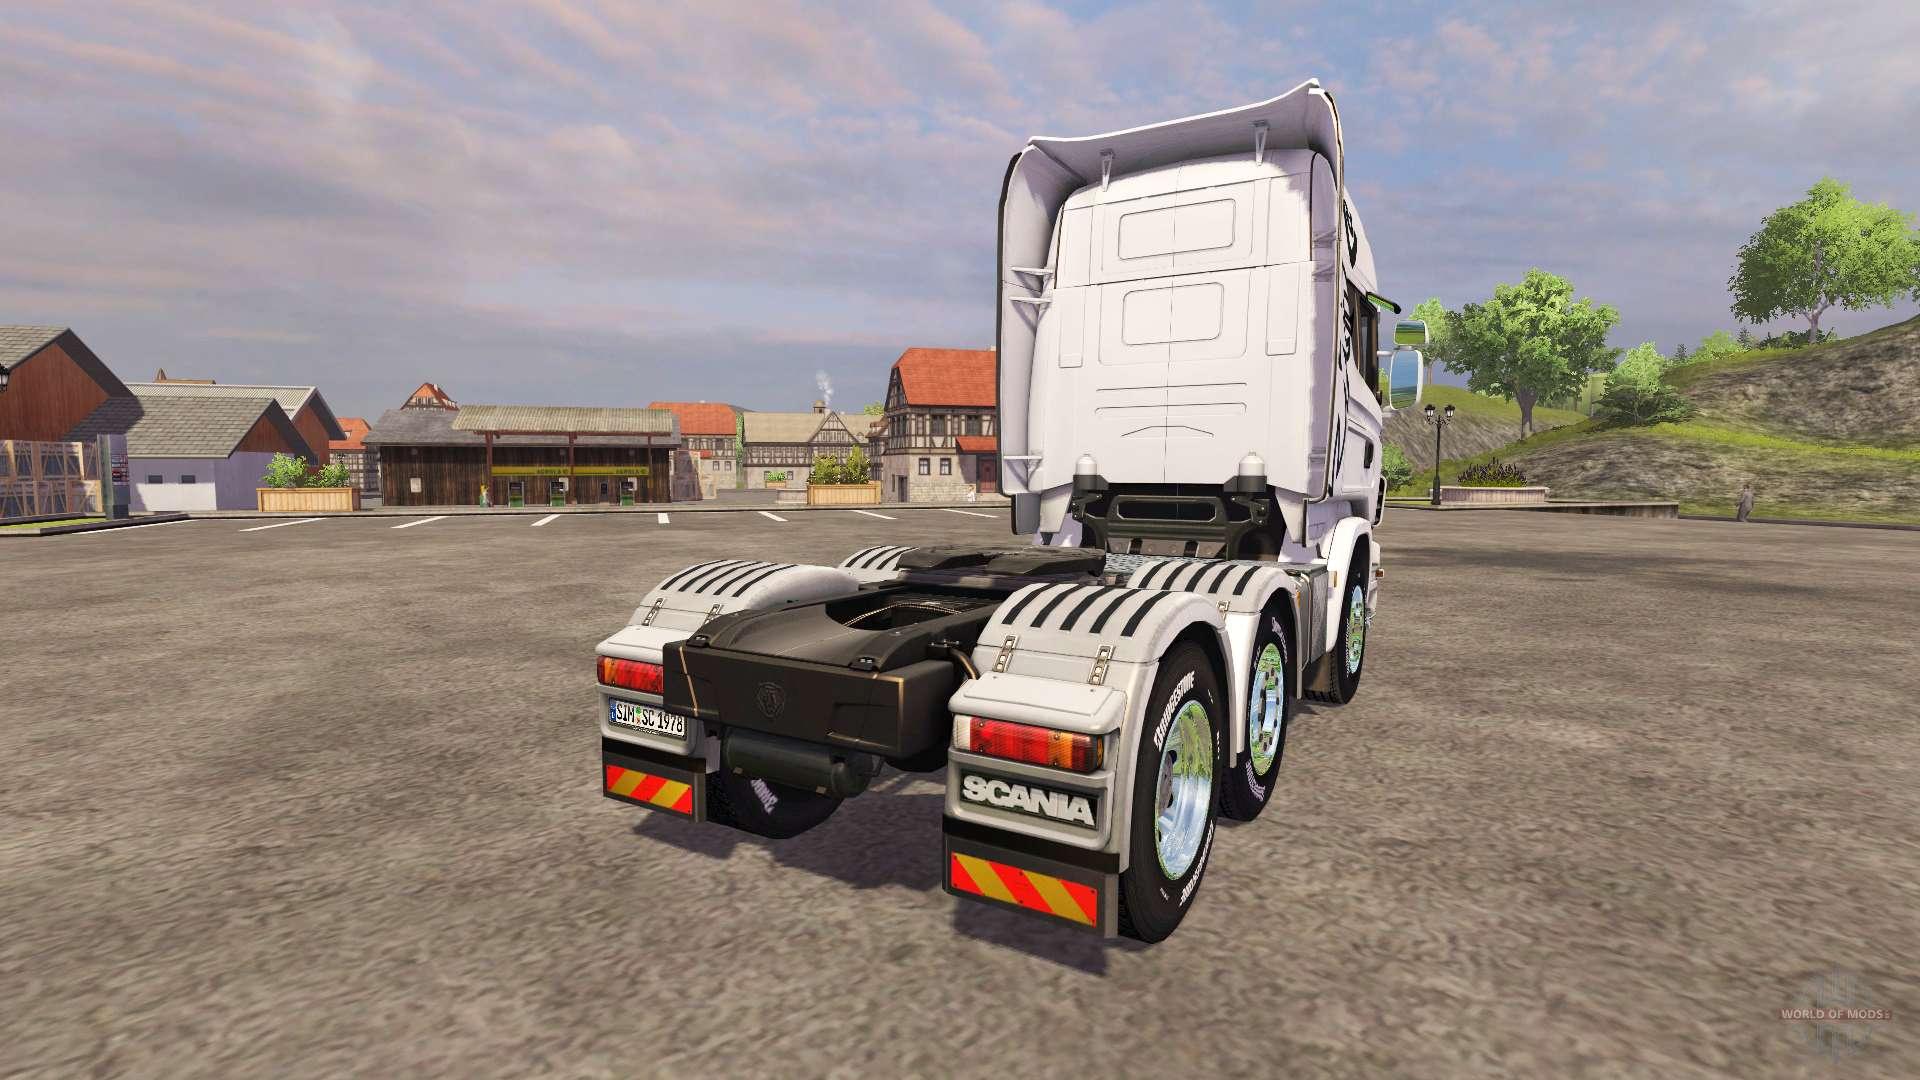 Camion Scania Farming Simulator 2013 | Autos Post